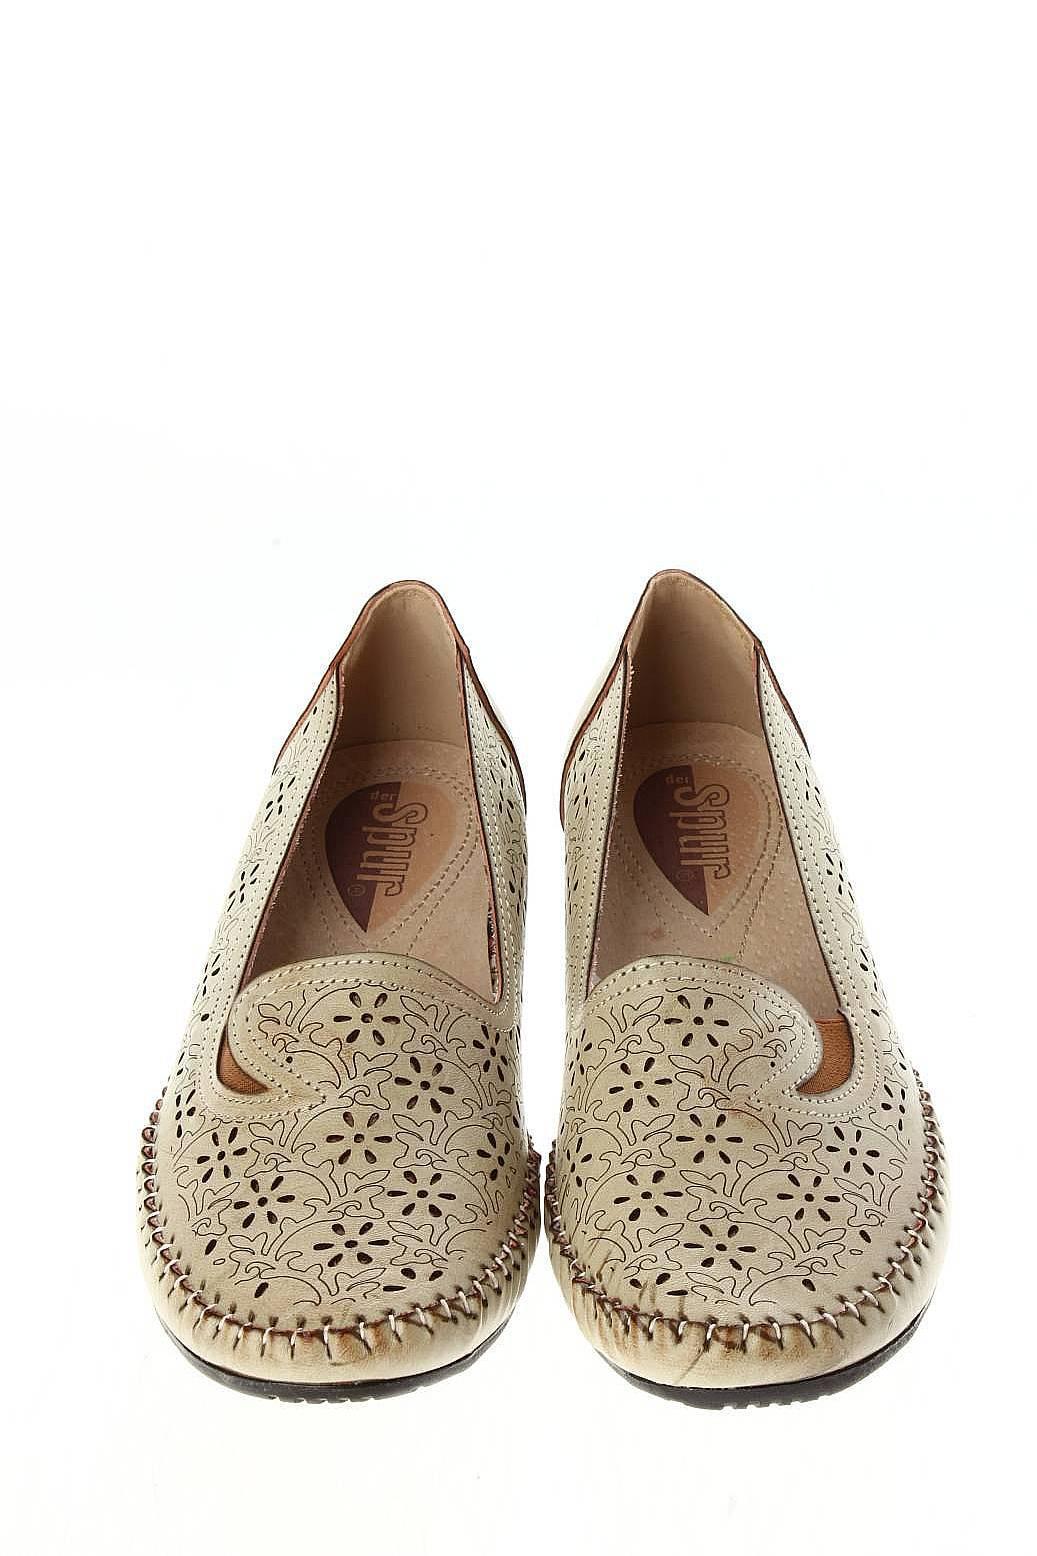 Мужская Обувь Детская Обувь Женская Обувь Туфли: Spur Обувь